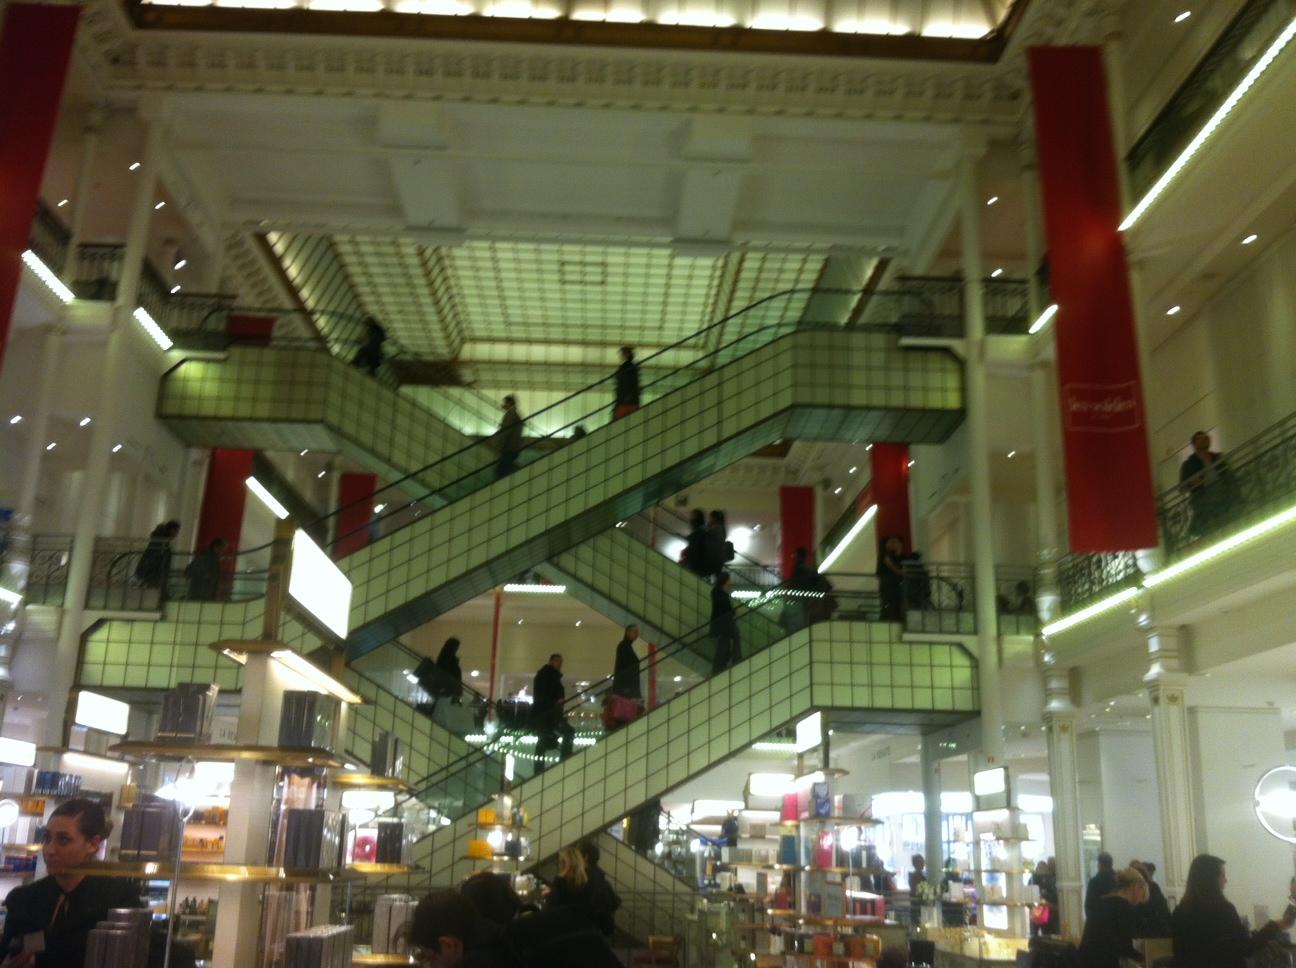 Boconcept Rue De Rennes boutiques rue de rennes, st-germain des près: horaires, bons